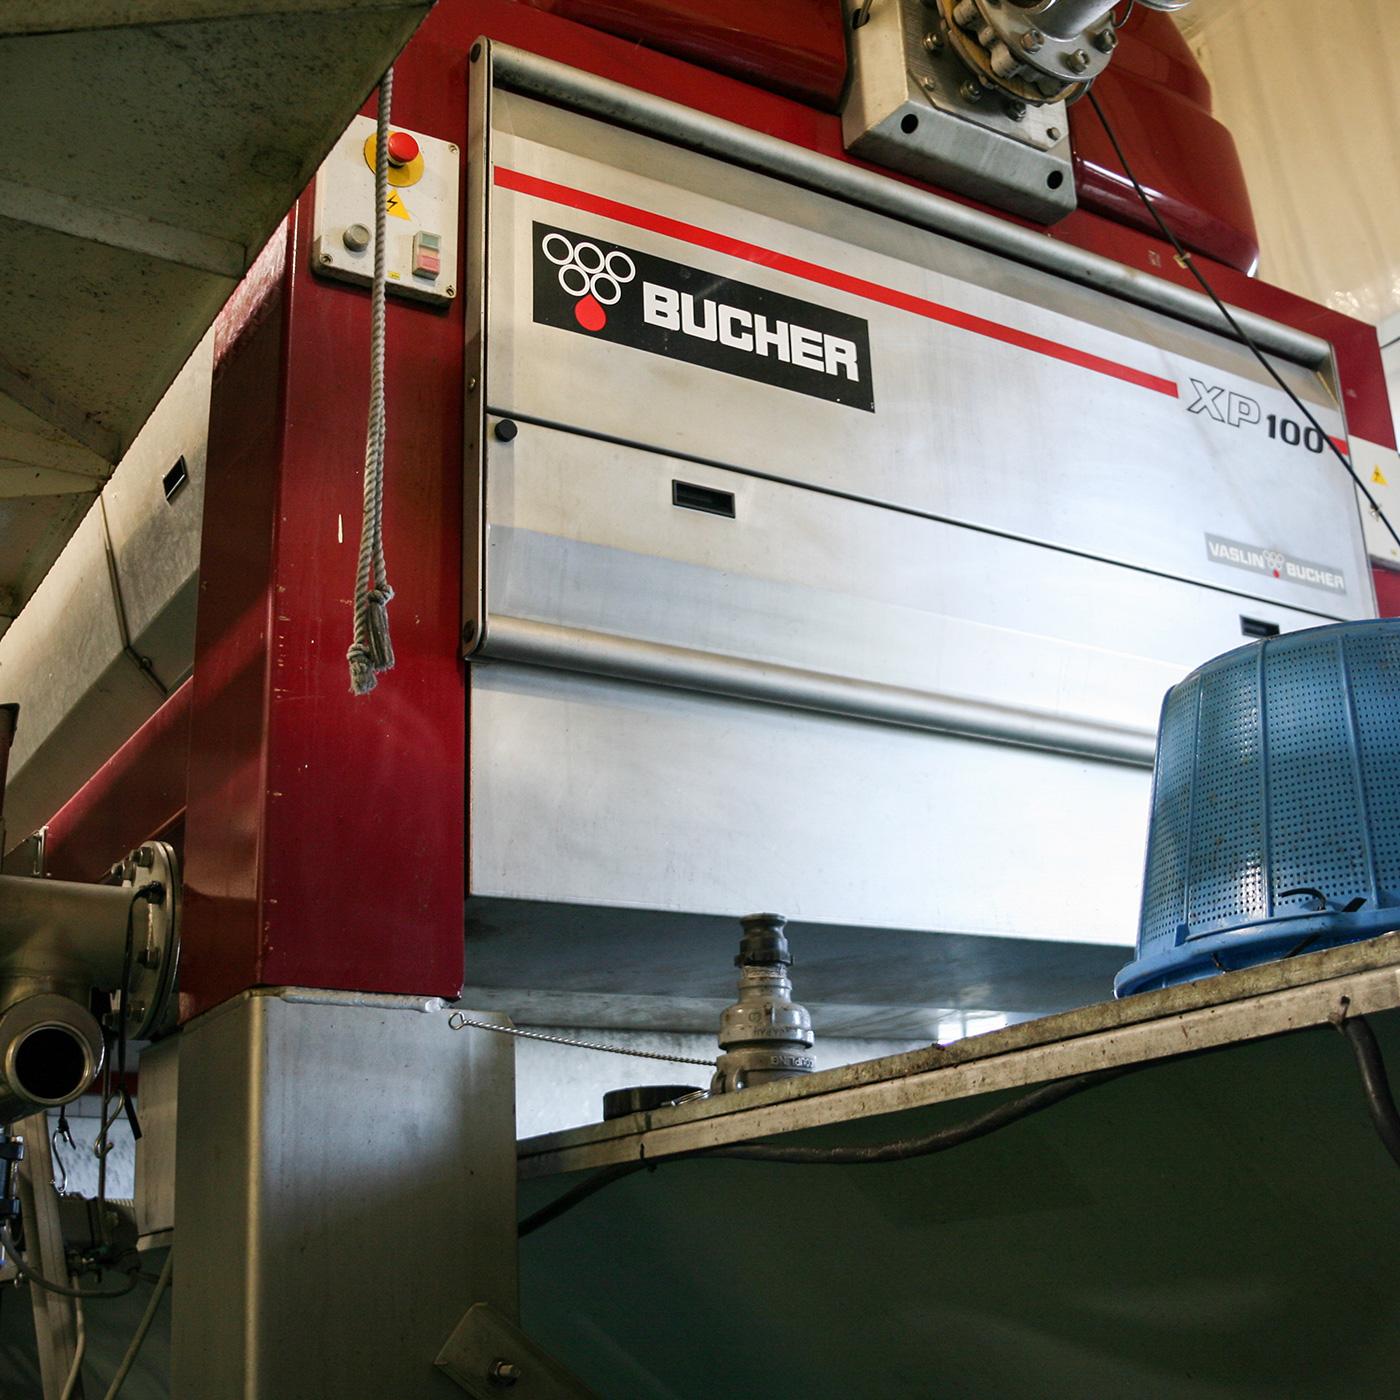 圧搾・搾汁にもフランス製の空圧式搾汁機などを使用している。